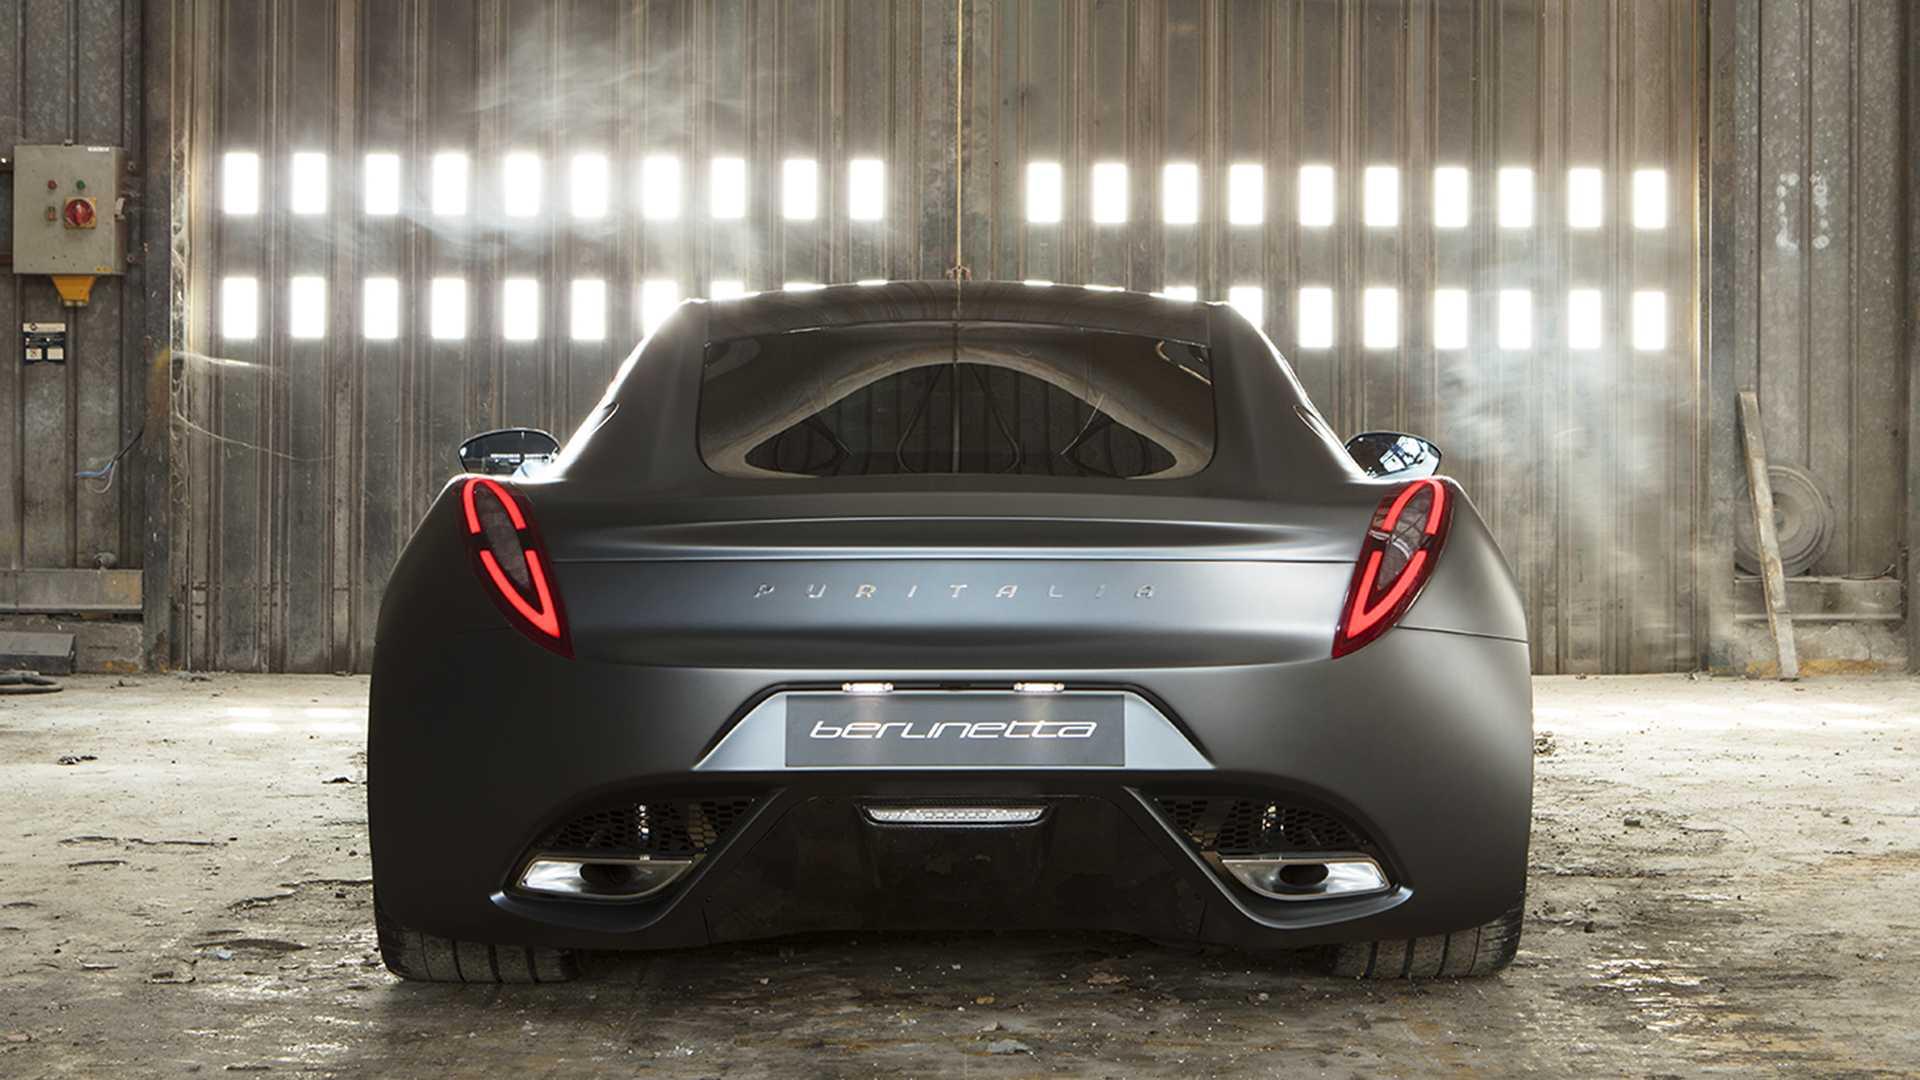 Cận ảnh siêu xe Puritalia Berlinetta công suất 965 mã lực, mạnh nhất nước Ý - 08